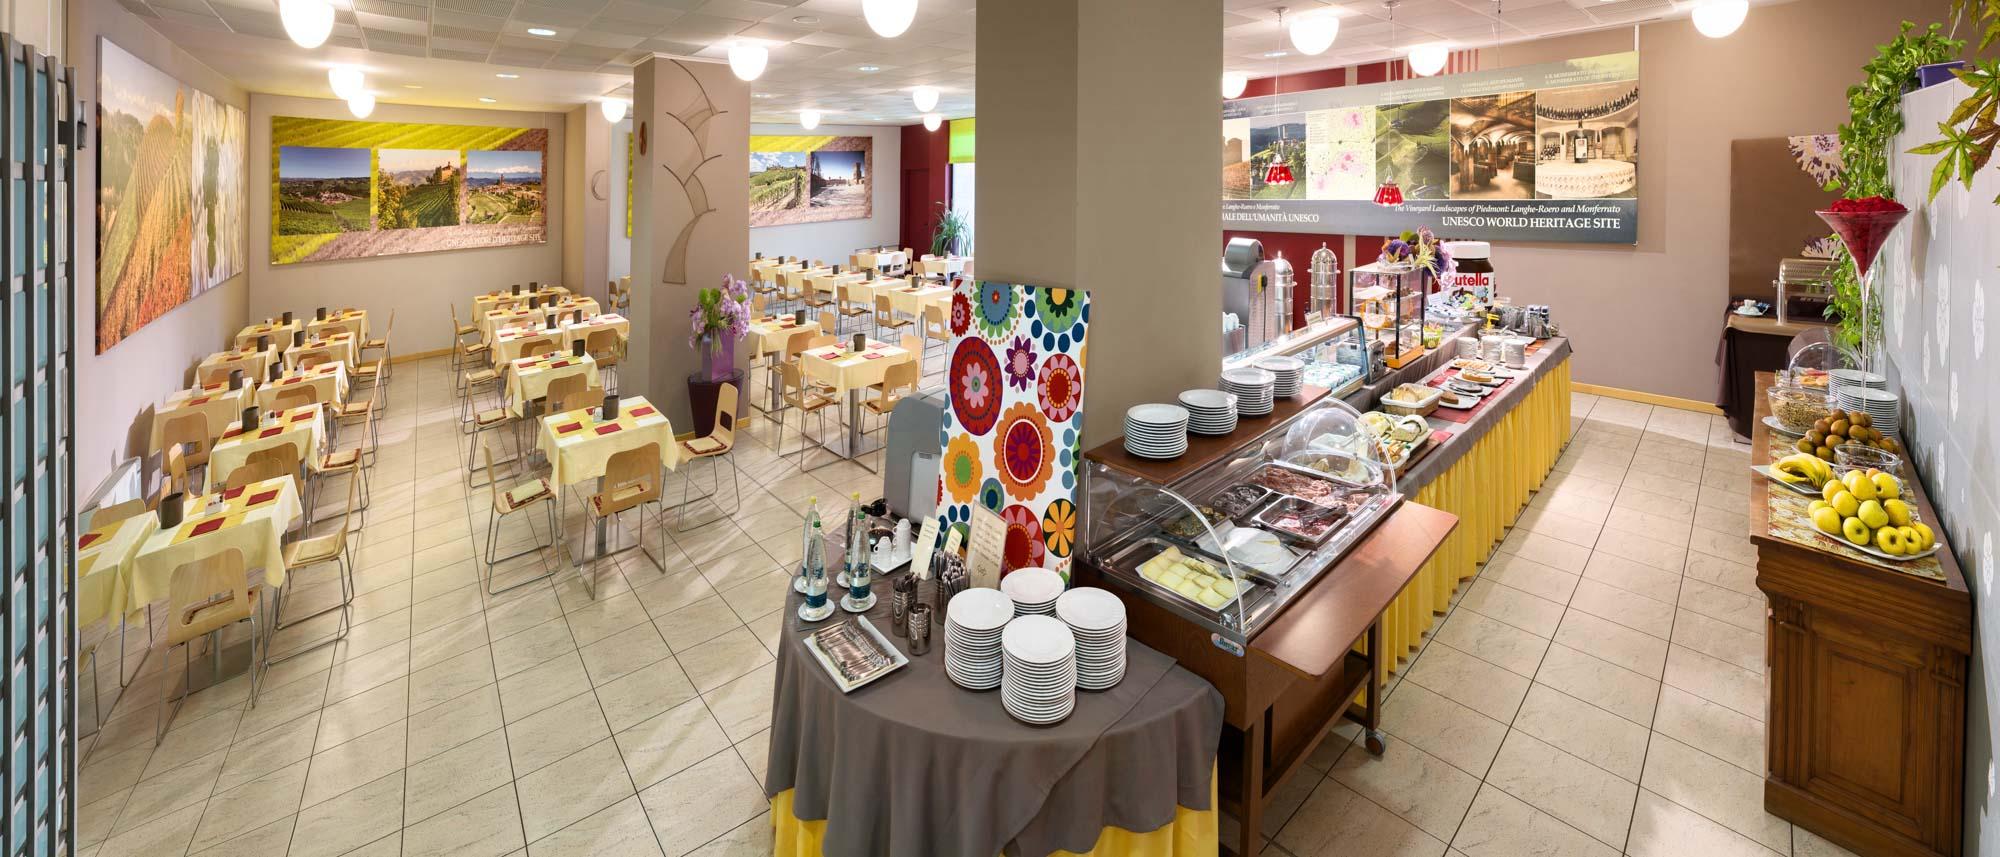 Albergo Sapori Sala Colazioni Albergo Ristorante Ad Alba Cn Hotel I Castelli